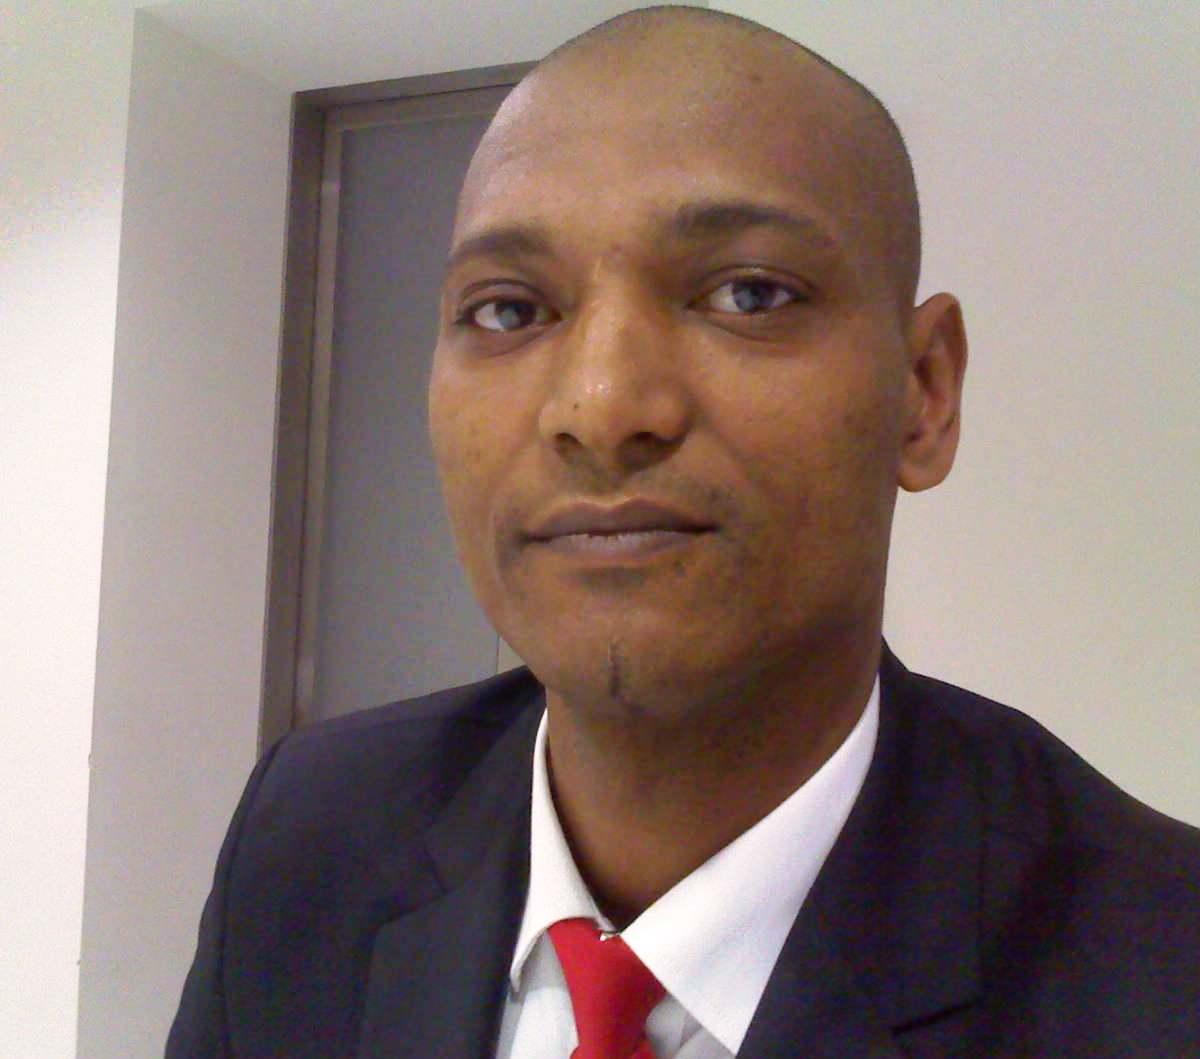 Centrafrique: «Il faut aller dans une direction qui permet de ramener la paix et la sécurité»dixit Sylvain Sami